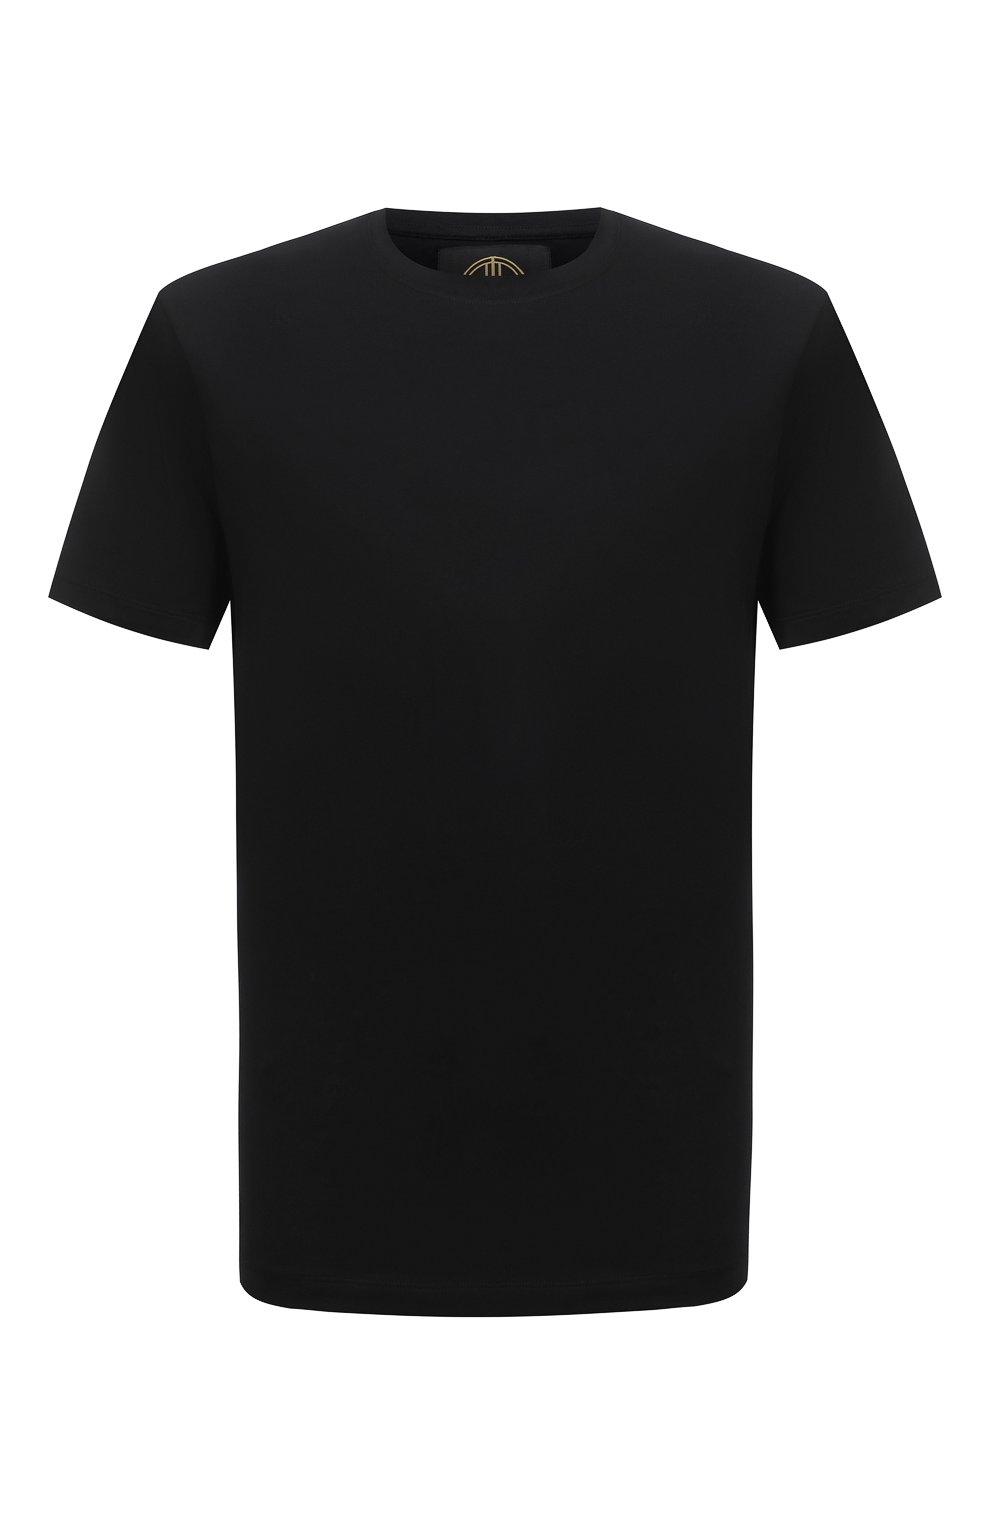 Мужская хлопковая футболка LIMITATO черного цвета, арт. EMBLEM/T-SHIRT | Фото 1 (Принт: Без принта; Рукава: Короткие; Длина (для топов): Стандартные; Стили: Гранж; Материал внешний: Хлопок)